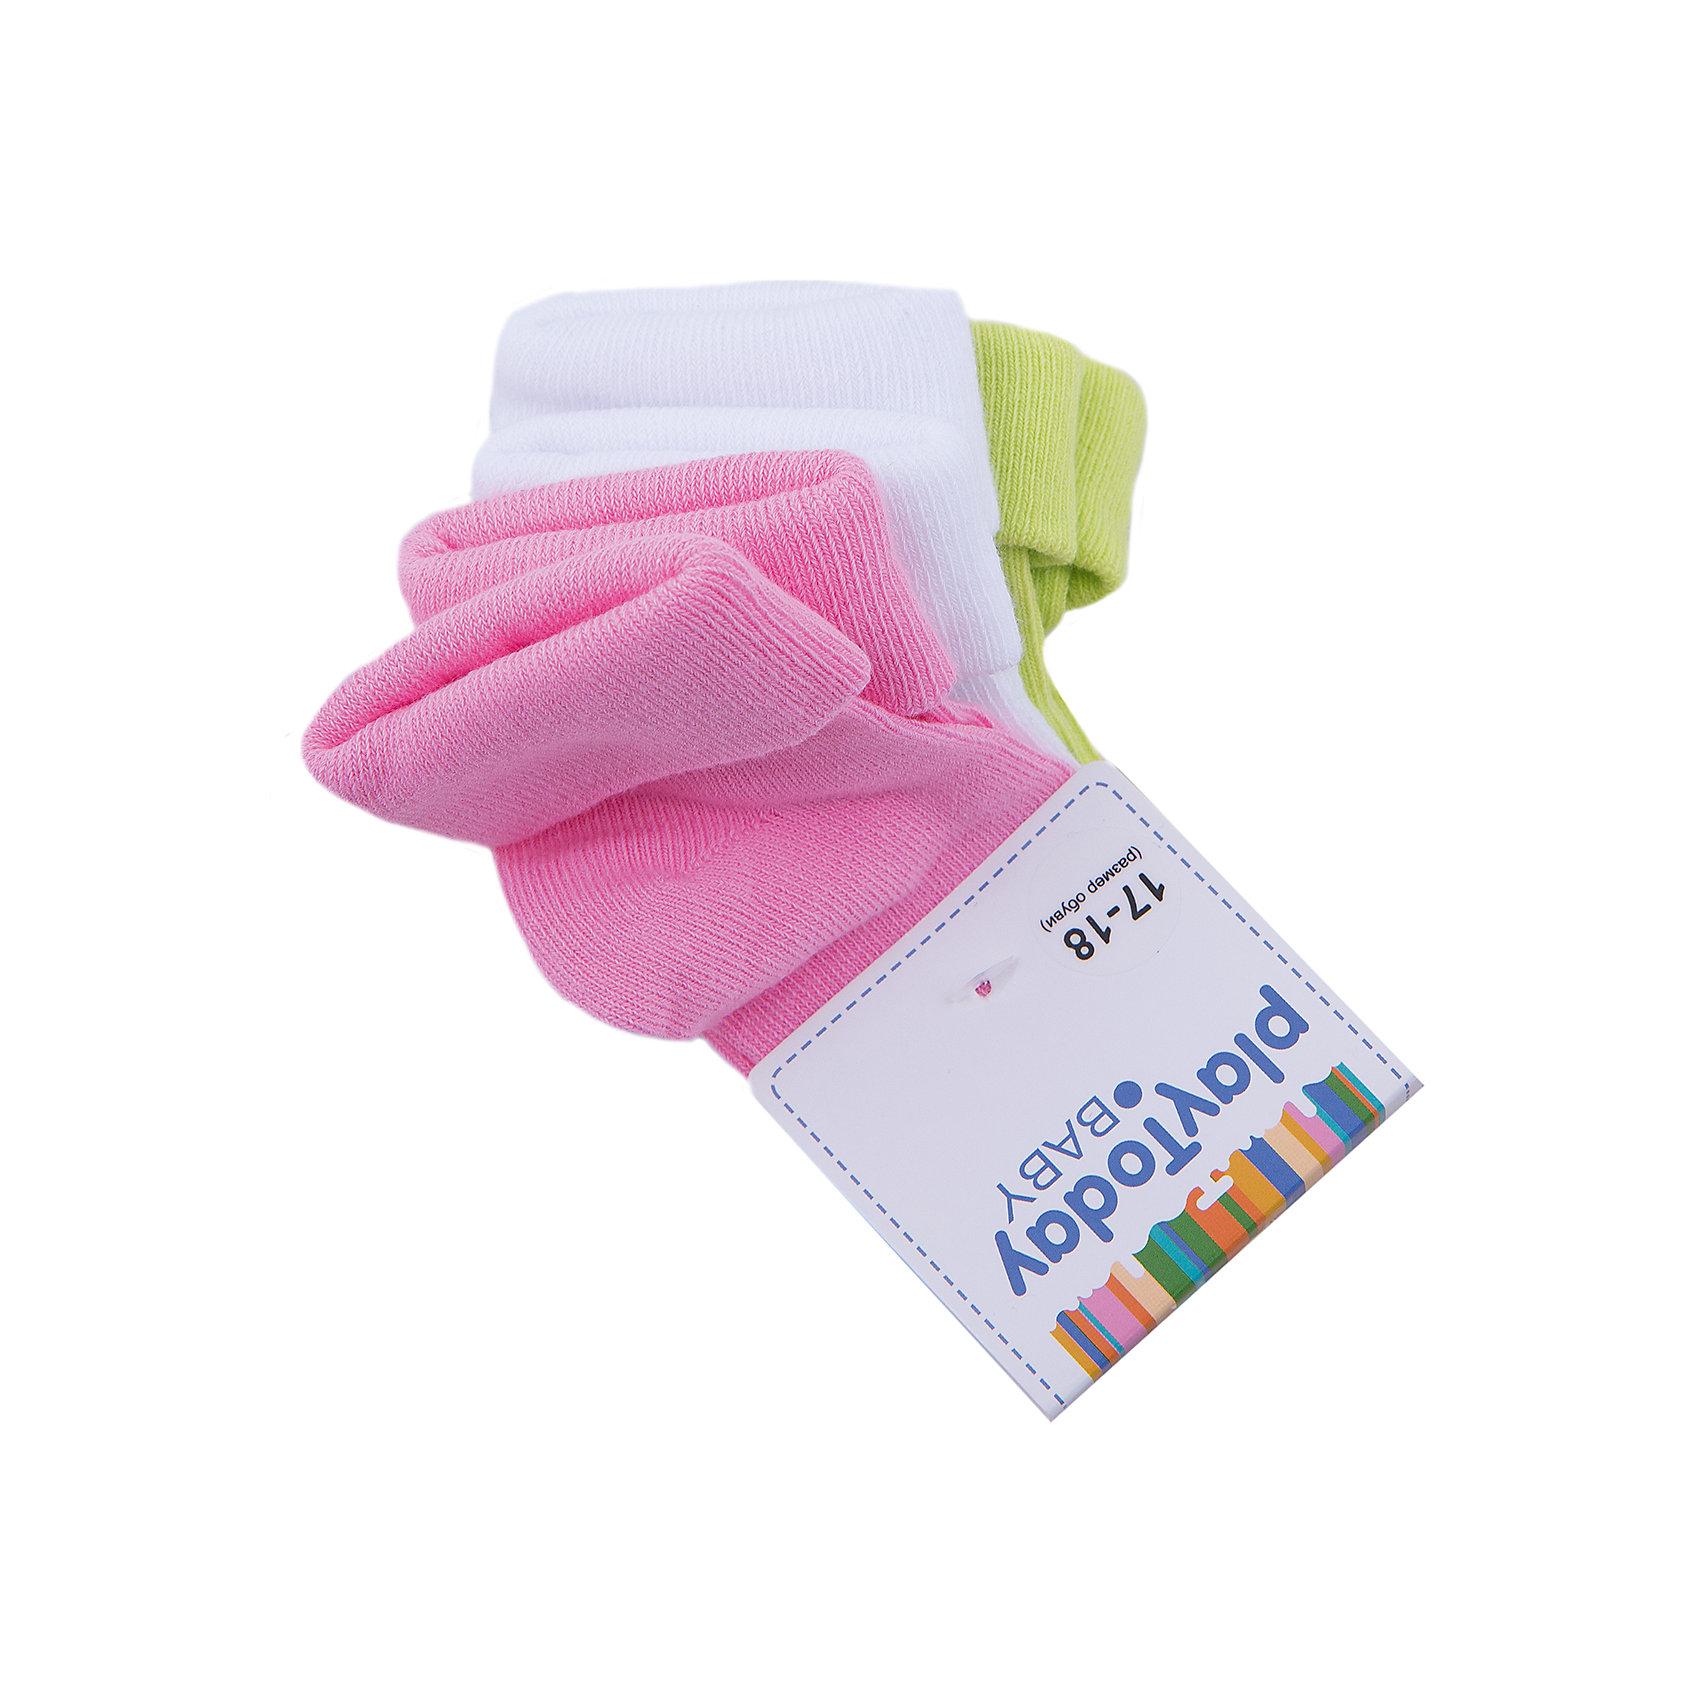 Носки для девочки PlayTodayНоски<br>Носки для девочки от известного бренда PlayToday.<br>Уютные хлопковые носочки в пастельных оттенках - розовый, желтый, белый. Верх на мягкой резинке.<br>Состав:<br>75% хлопок, 22% нейлон, 3% эластан<br><br>Ширина мм: 87<br>Глубина мм: 10<br>Высота мм: 105<br>Вес г: 115<br>Цвет: разноцветный<br>Возраст от месяцев: 12<br>Возраст до месяцев: 18<br>Пол: Женский<br>Возраст: Детский<br>Размер: 11<br>SKU: 4901124